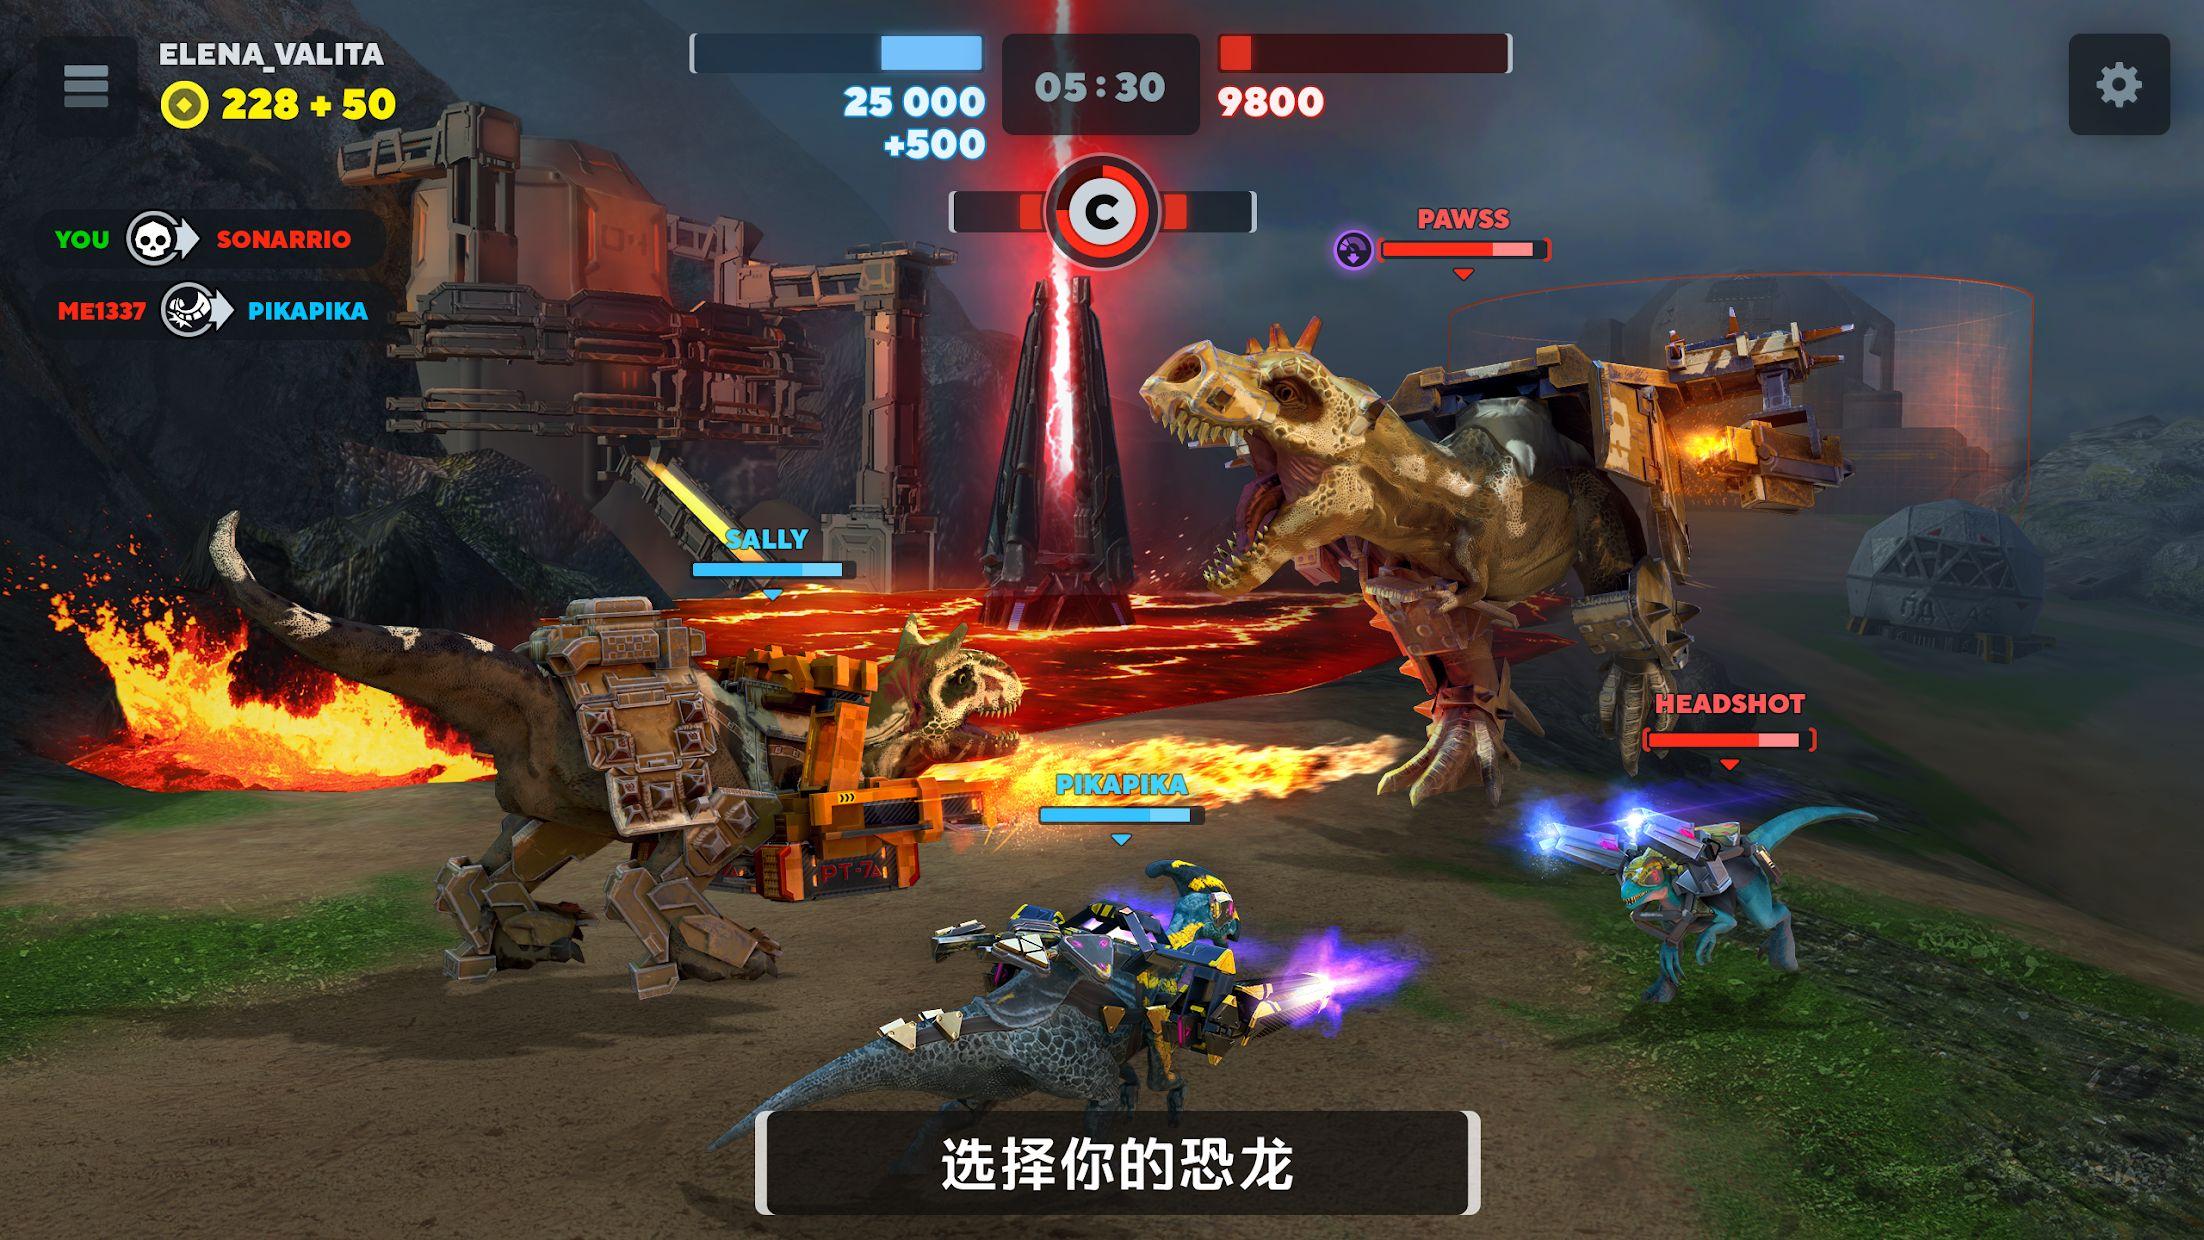 Dino Squad:拥有巨大恐龙的第三人称恐龙射击游戏 游戏截图3